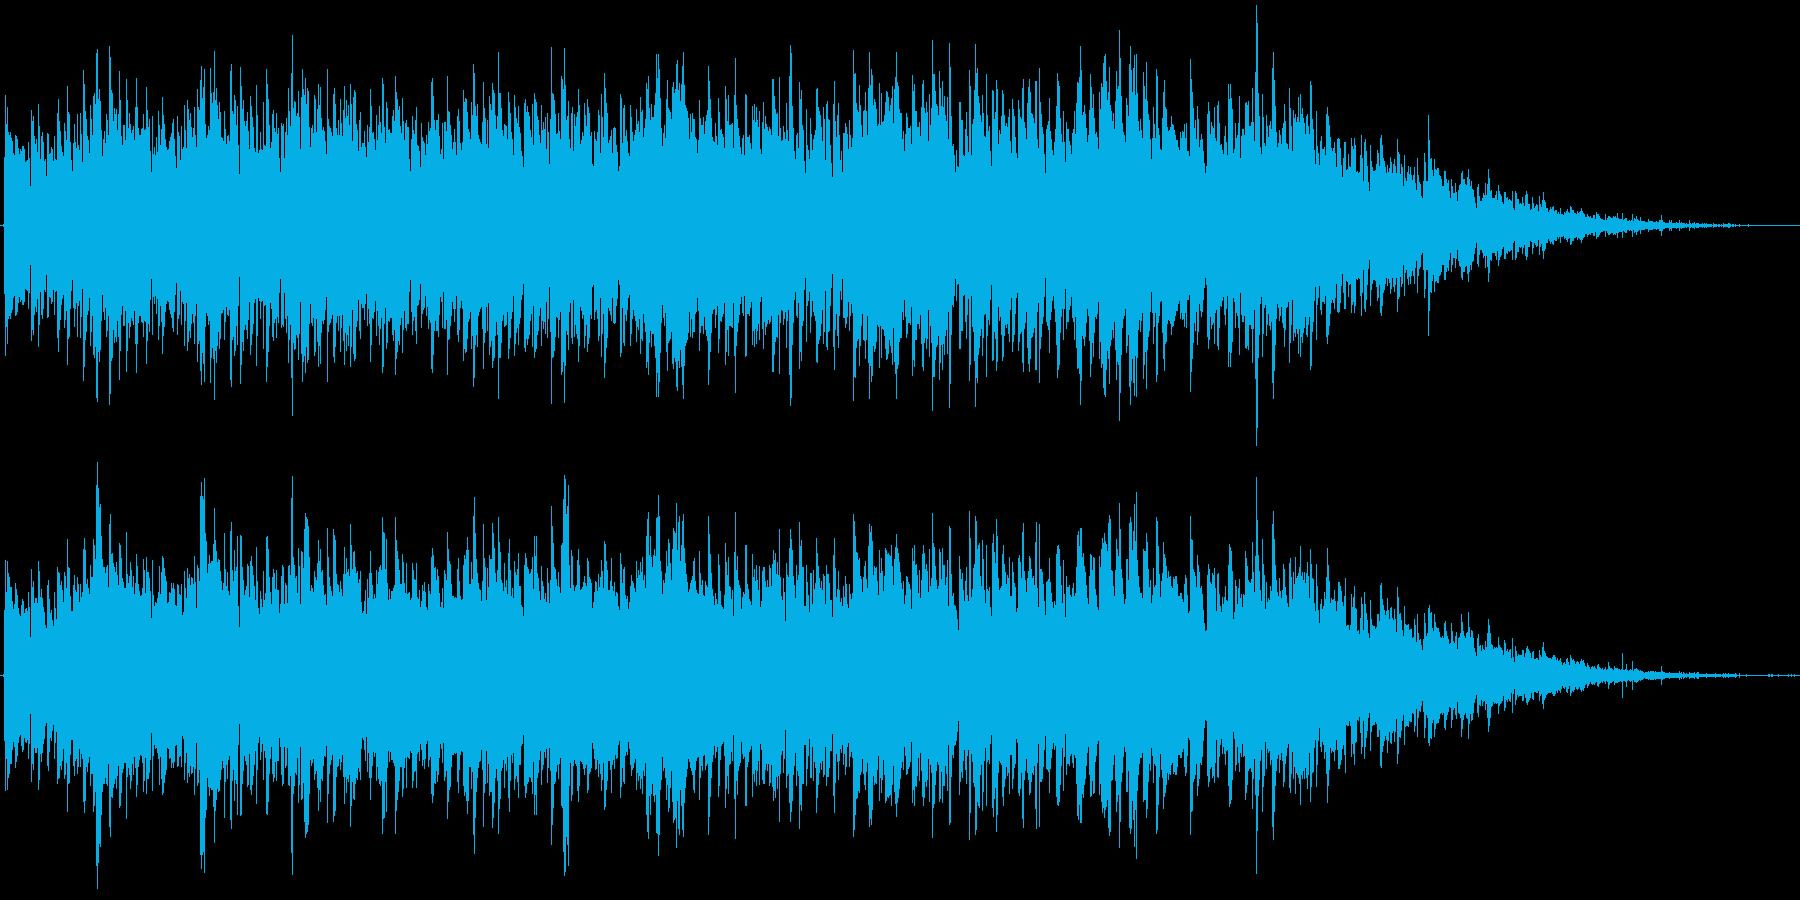 朝の訪れを感じるさわやかなイメージ音源…の再生済みの波形